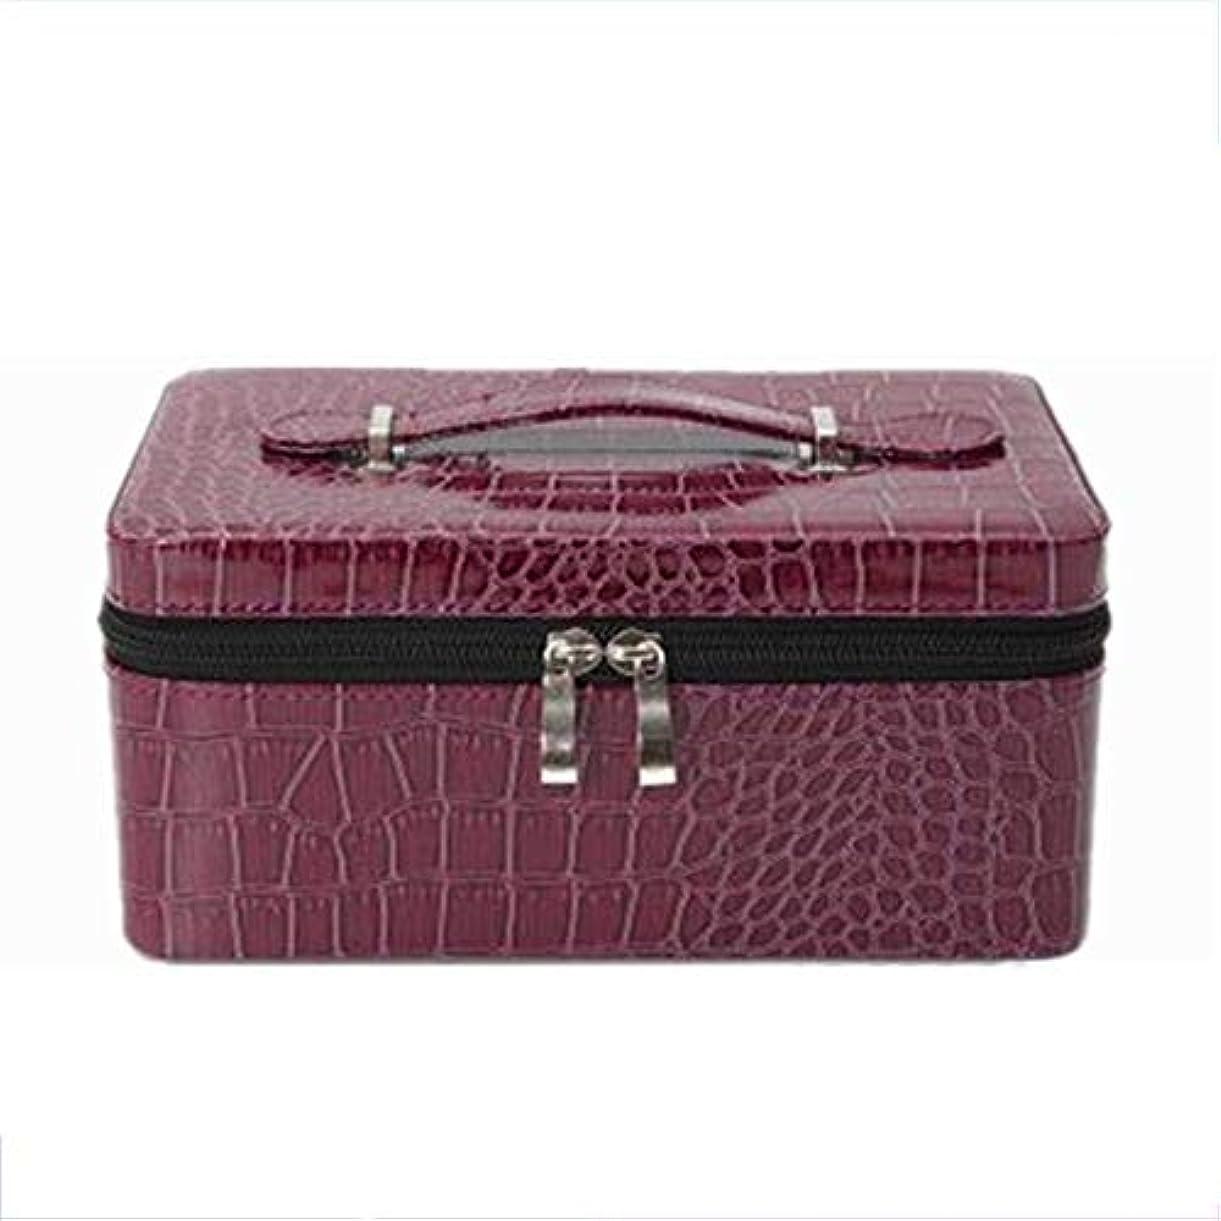 オートマトン失礼な行進アロマセラピー収納ボックス 旅行主催2-15用PU石油貯蔵スーツケースは完璧な旅行の荷物をまとめmlの エッセンシャルオイル収納ボックス (色 : 紫の, サイズ : 22.5X14.8X10.3CM)